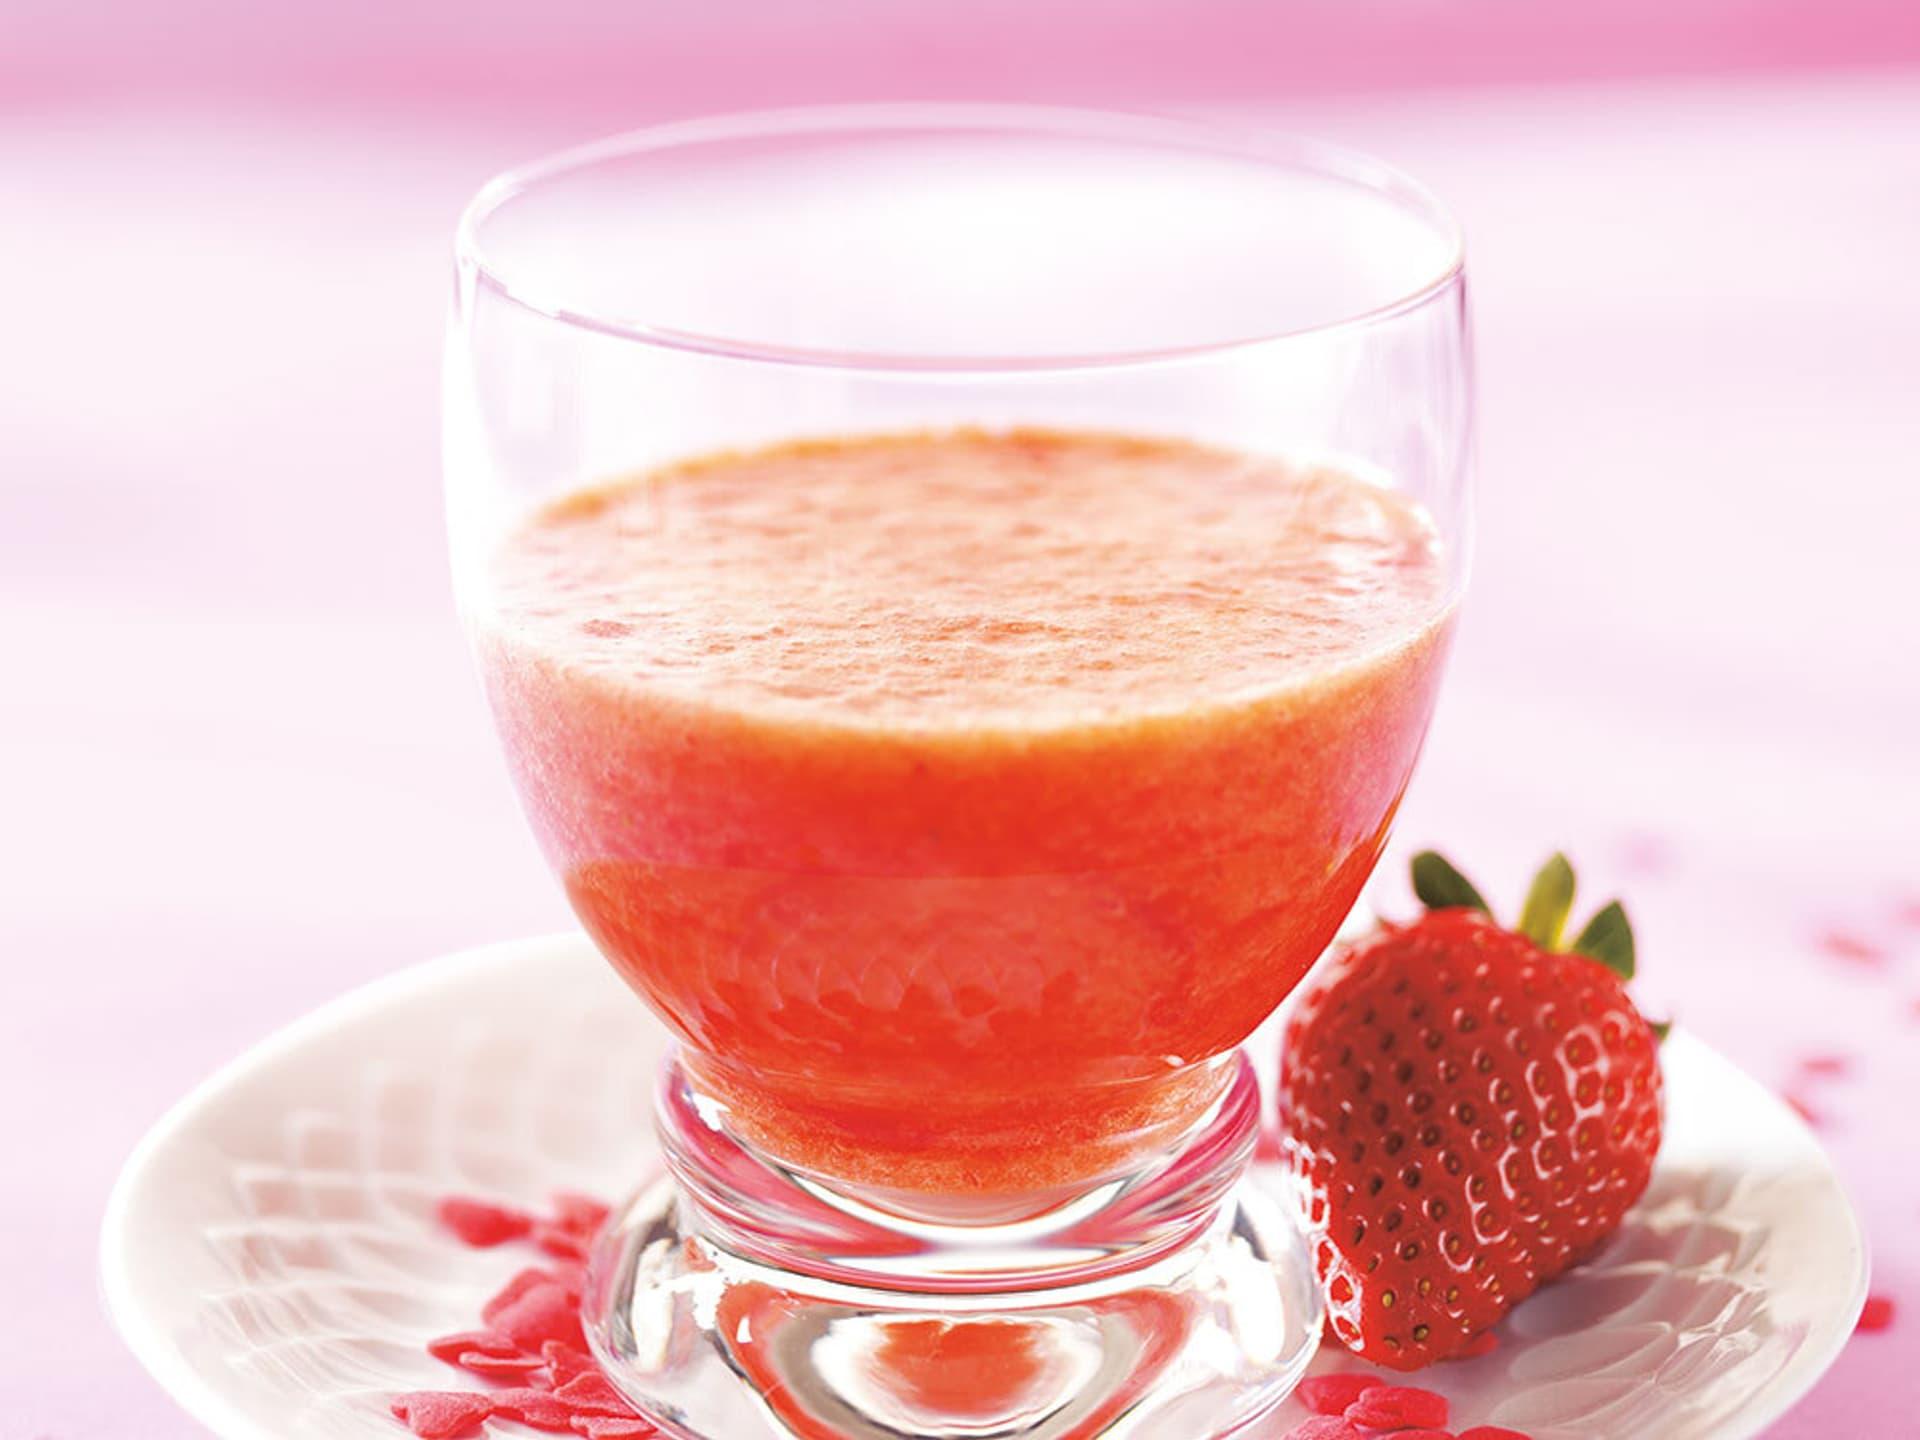 Erdbeer cocktail suesses geheimnis